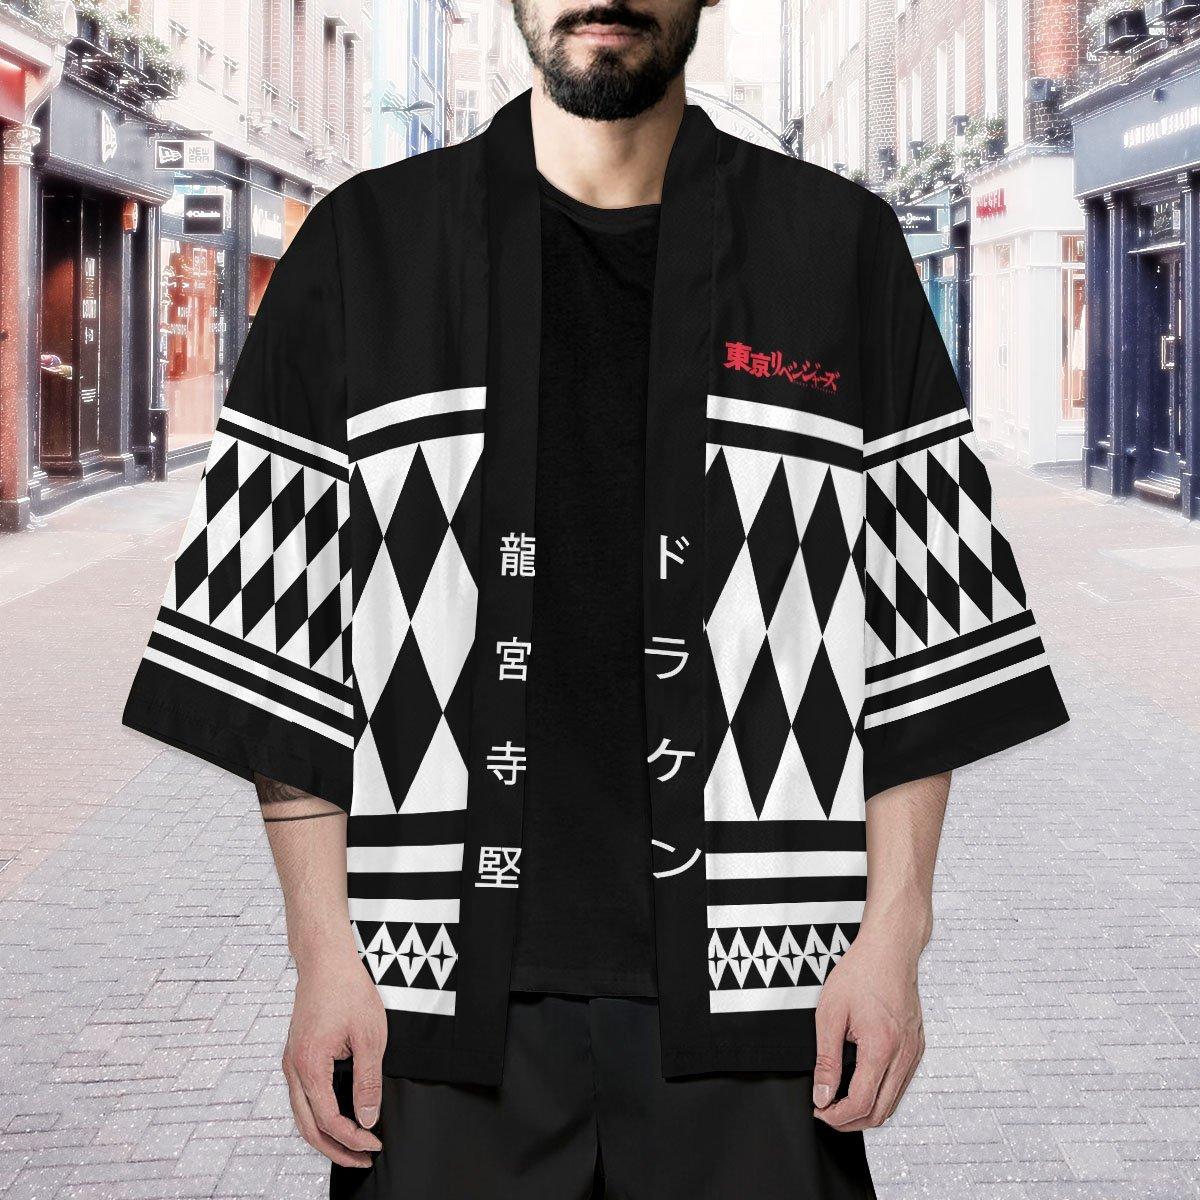 ken ryuguji kimono 874061 - Otaku Treat